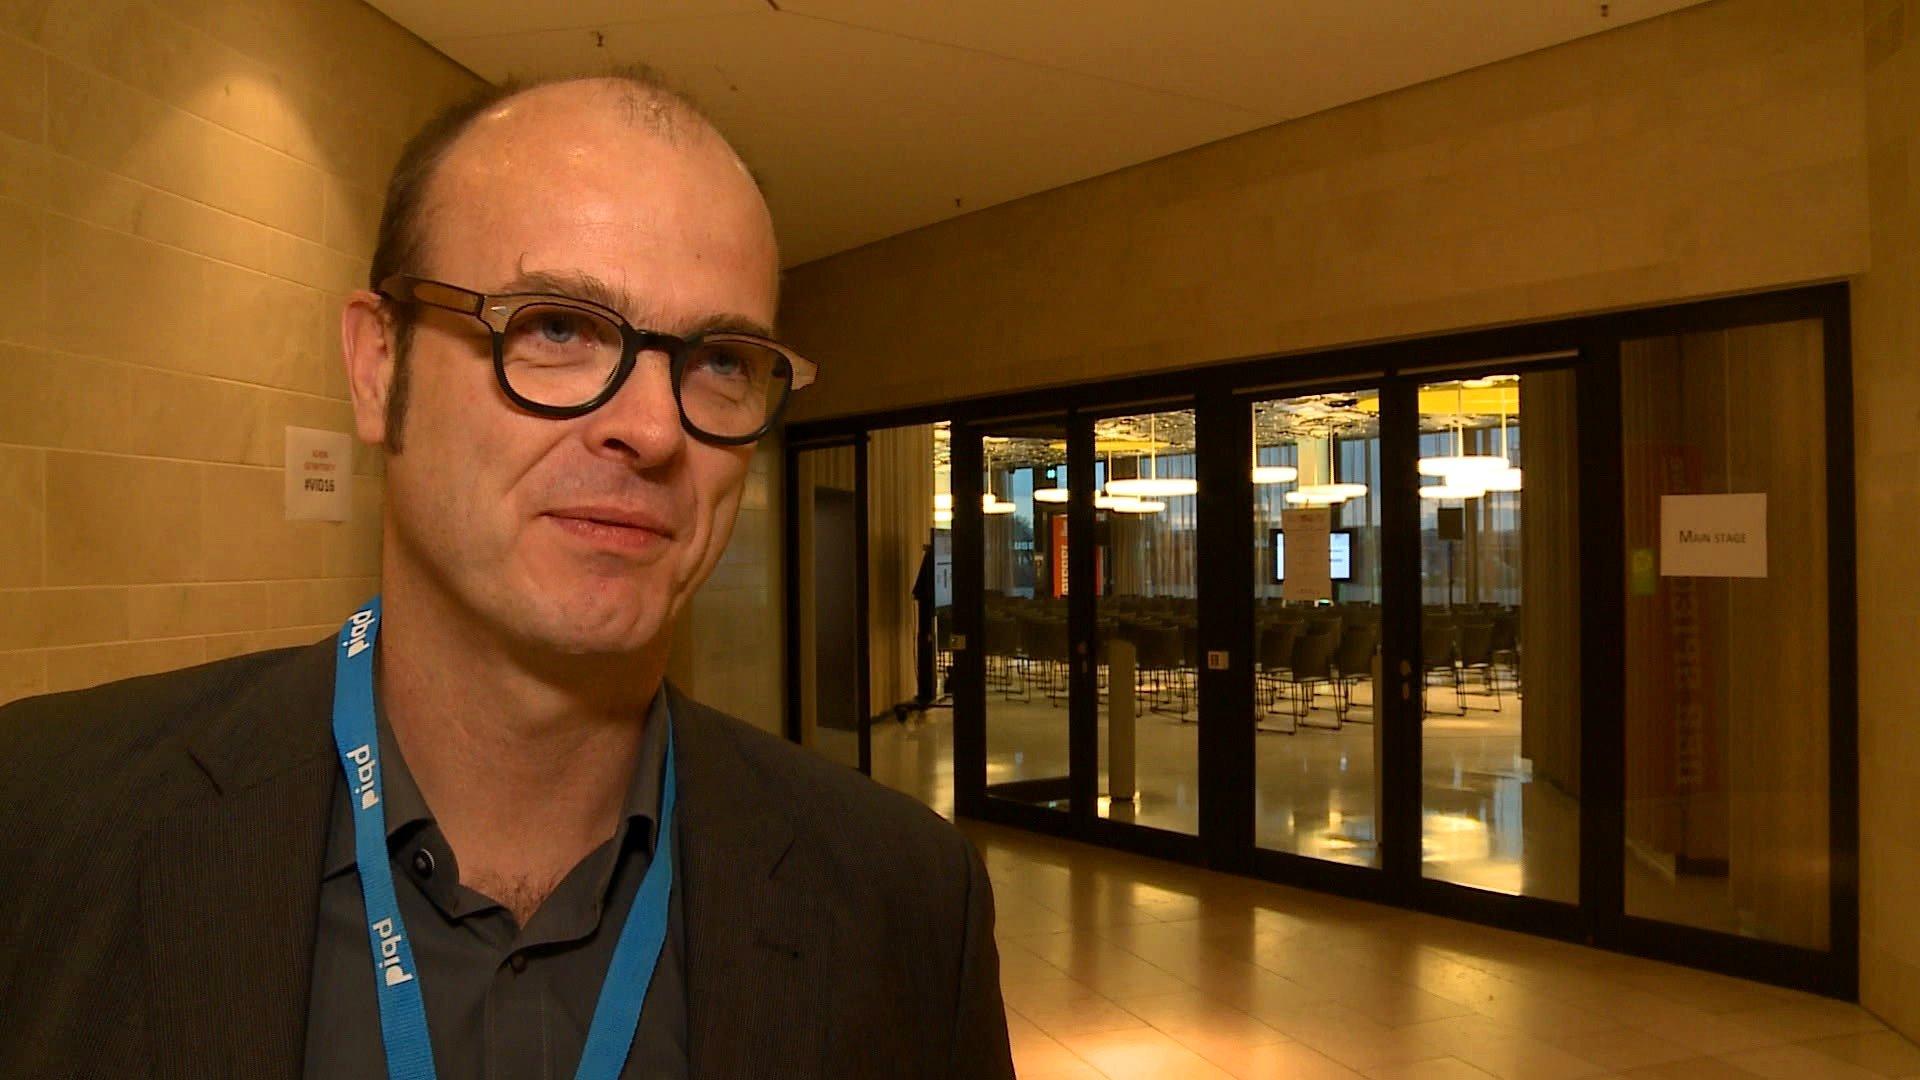 Janko Tietz (Spiegel Online) über Populismus und Soziale Medien